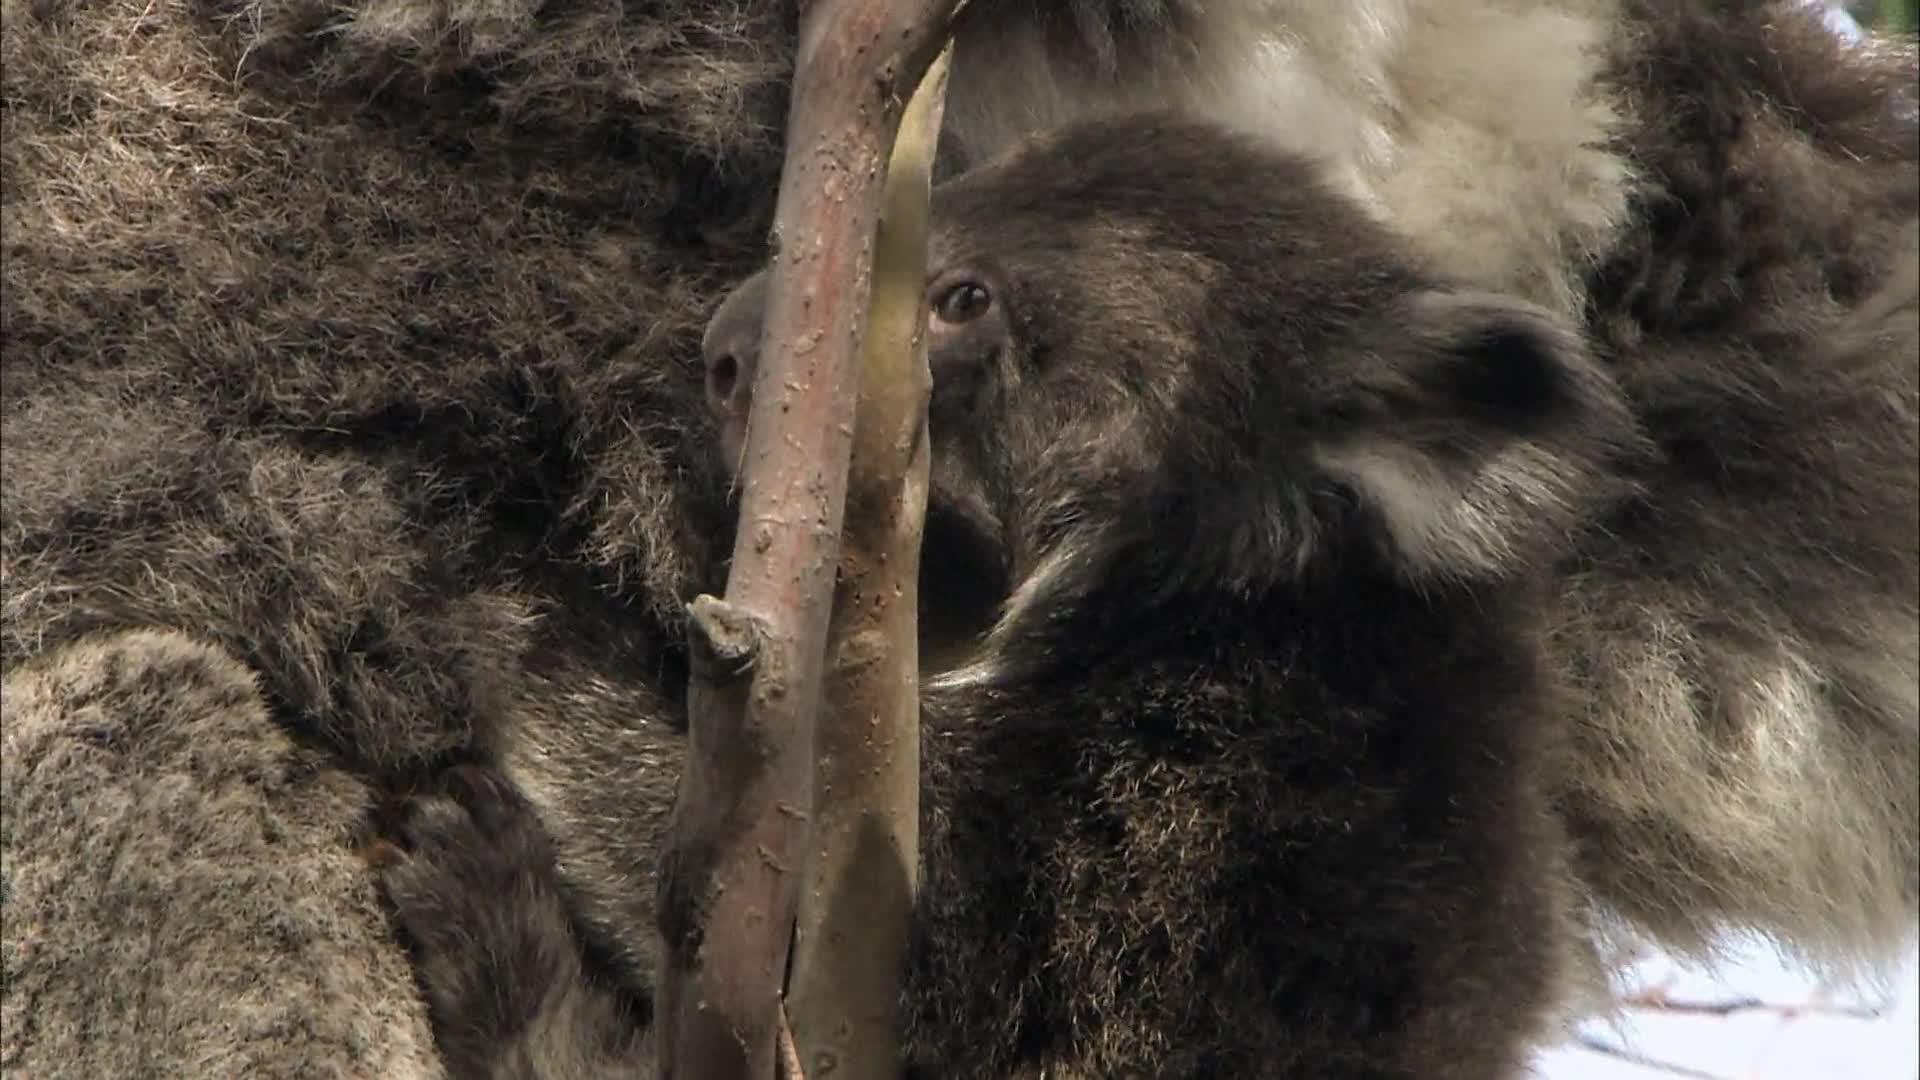 野生动物 无与伦比的有袋动物 树袋熊